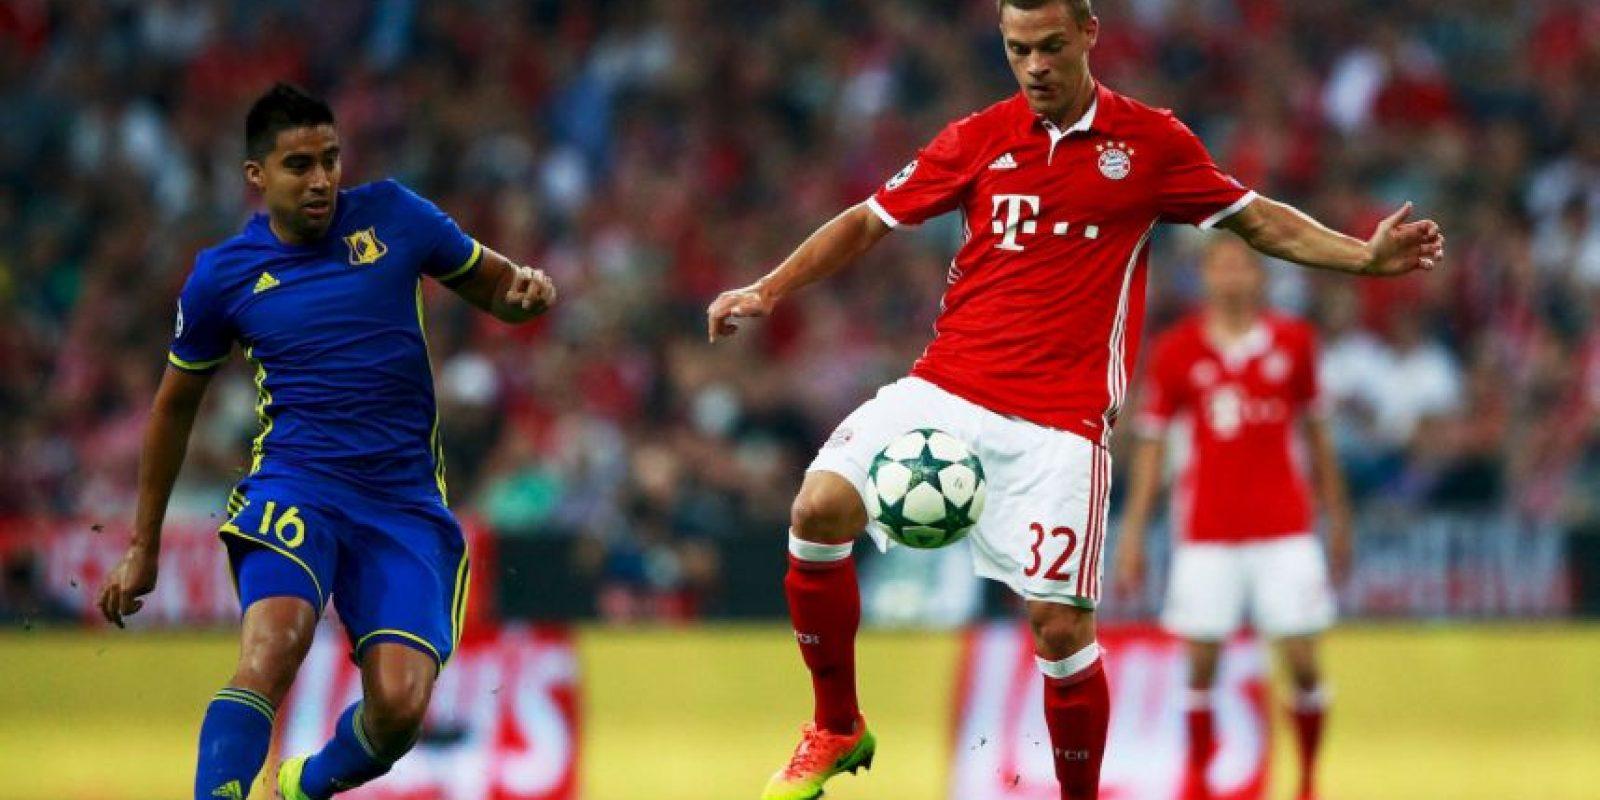 Se lució con dos goles en la victoria de Bayern Munich por 5 a 0 ante Rostov Foto:Getty Images